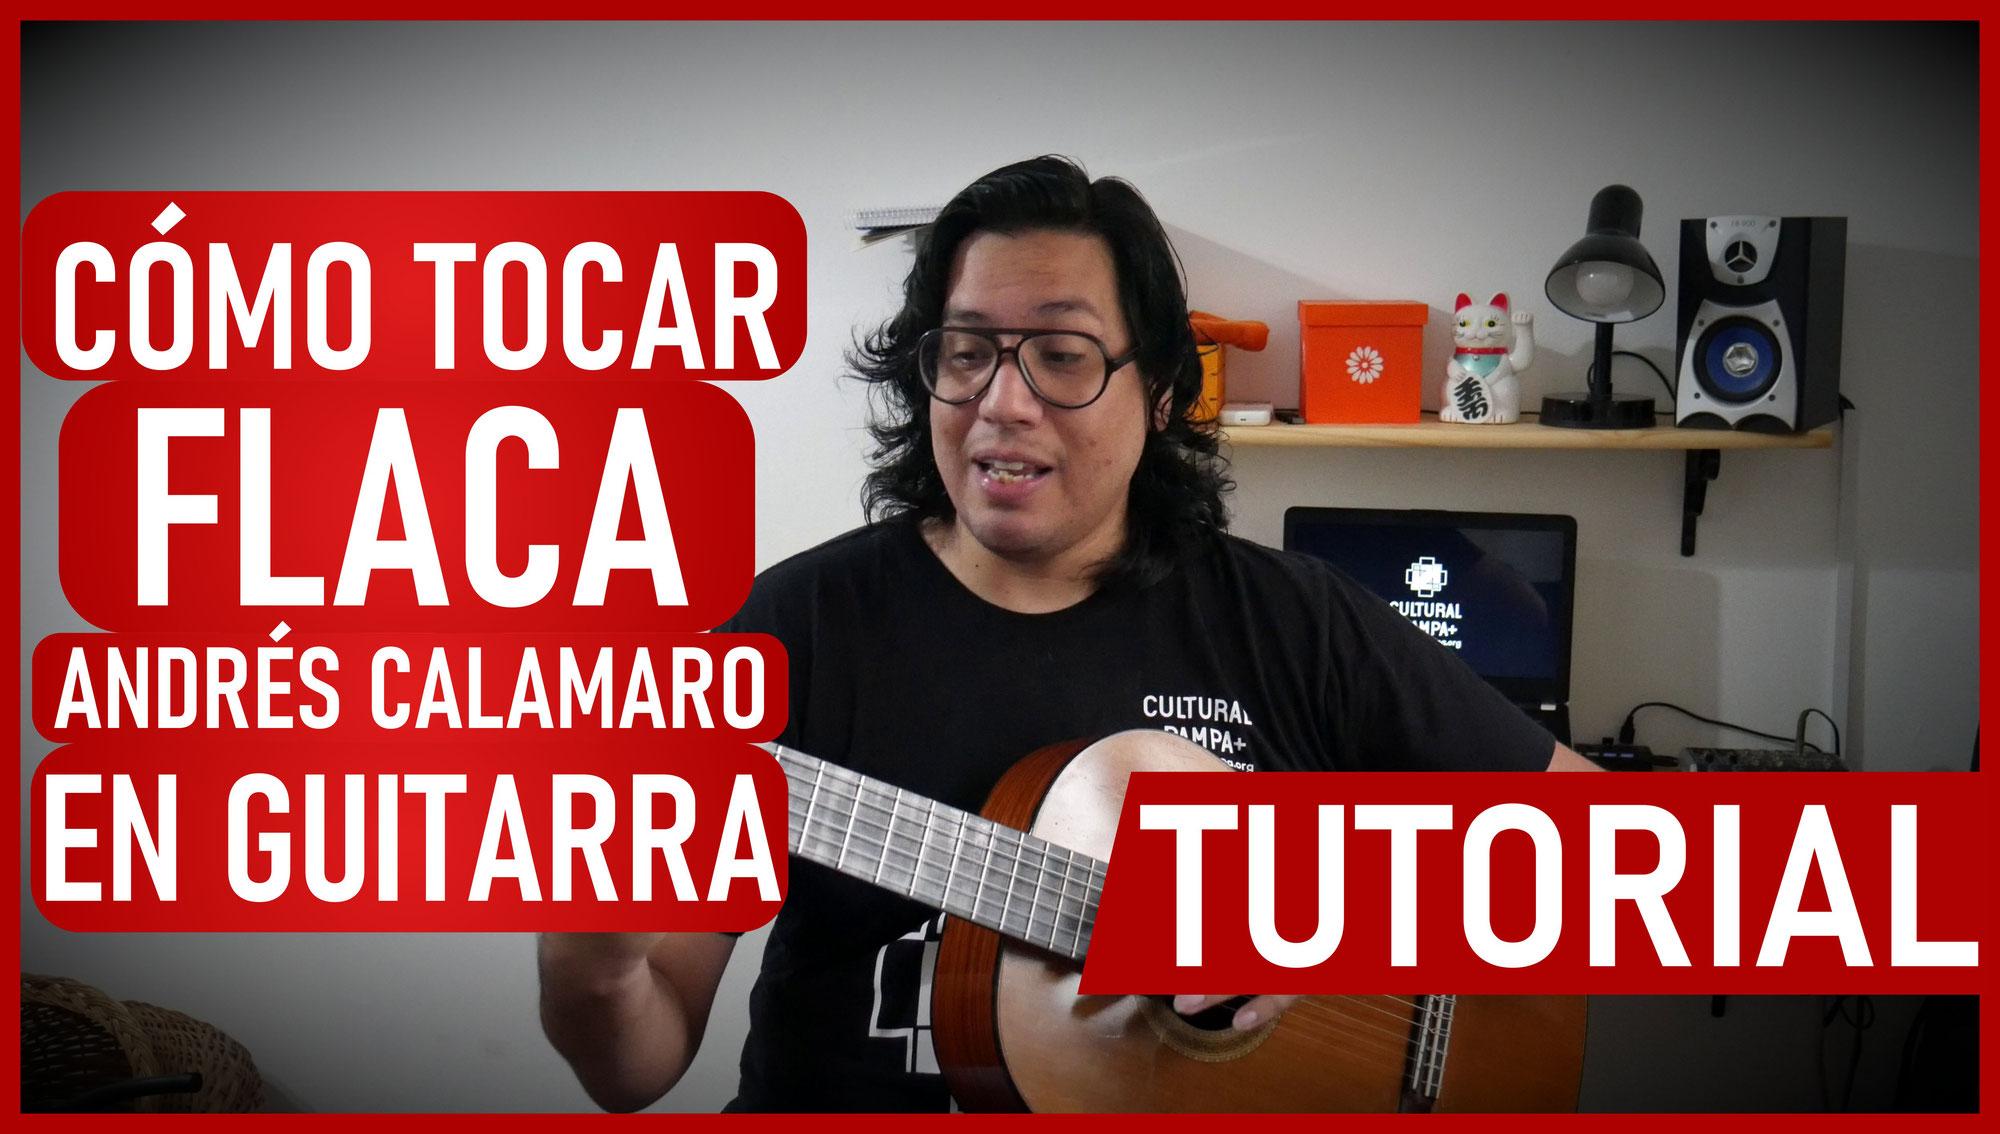 Como tocar Flaca de Andres Calamaro en Guitarra